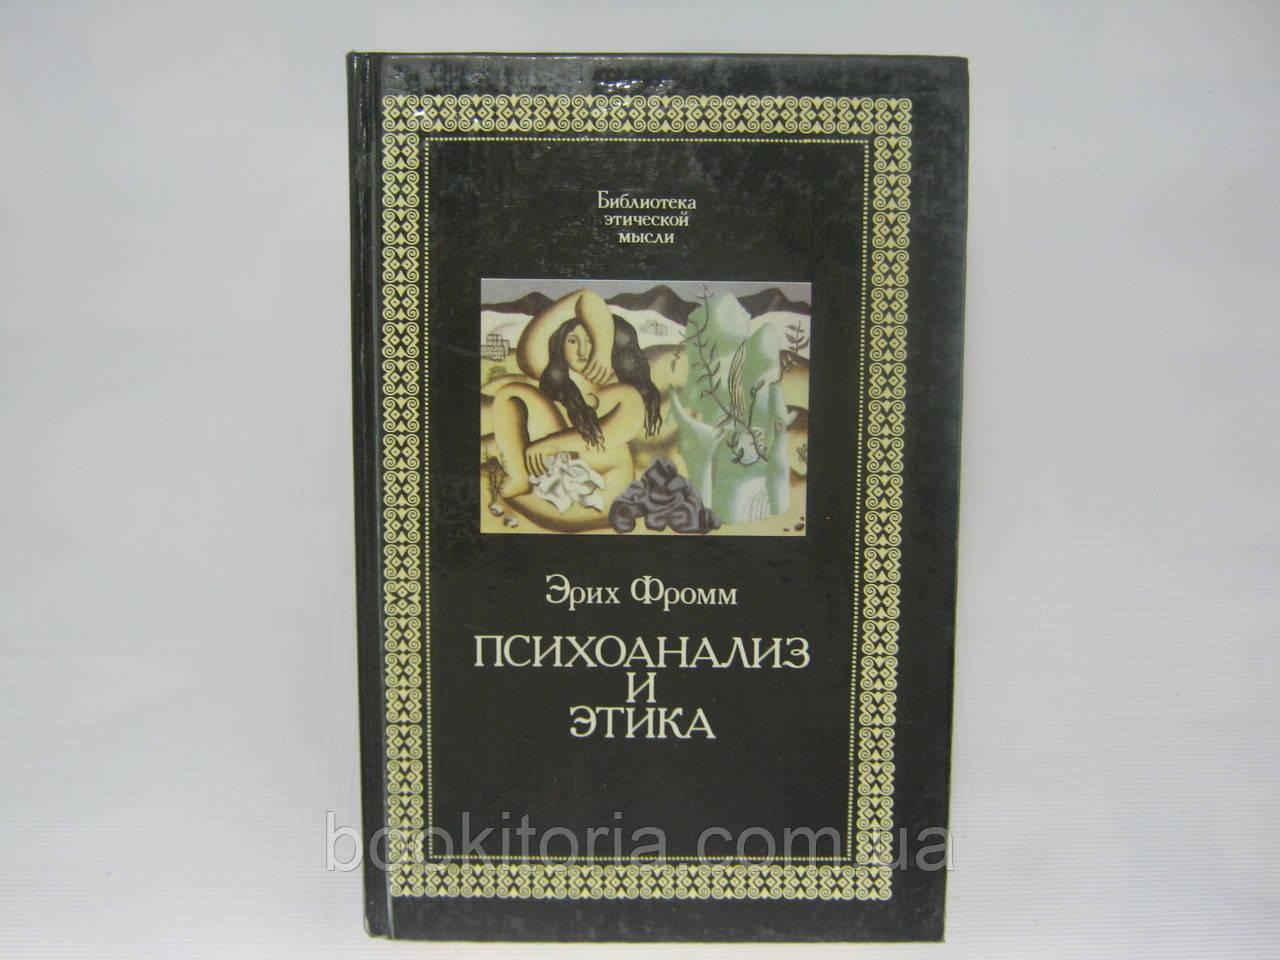 Фромм Э. Психоанализ и этика (б/у).